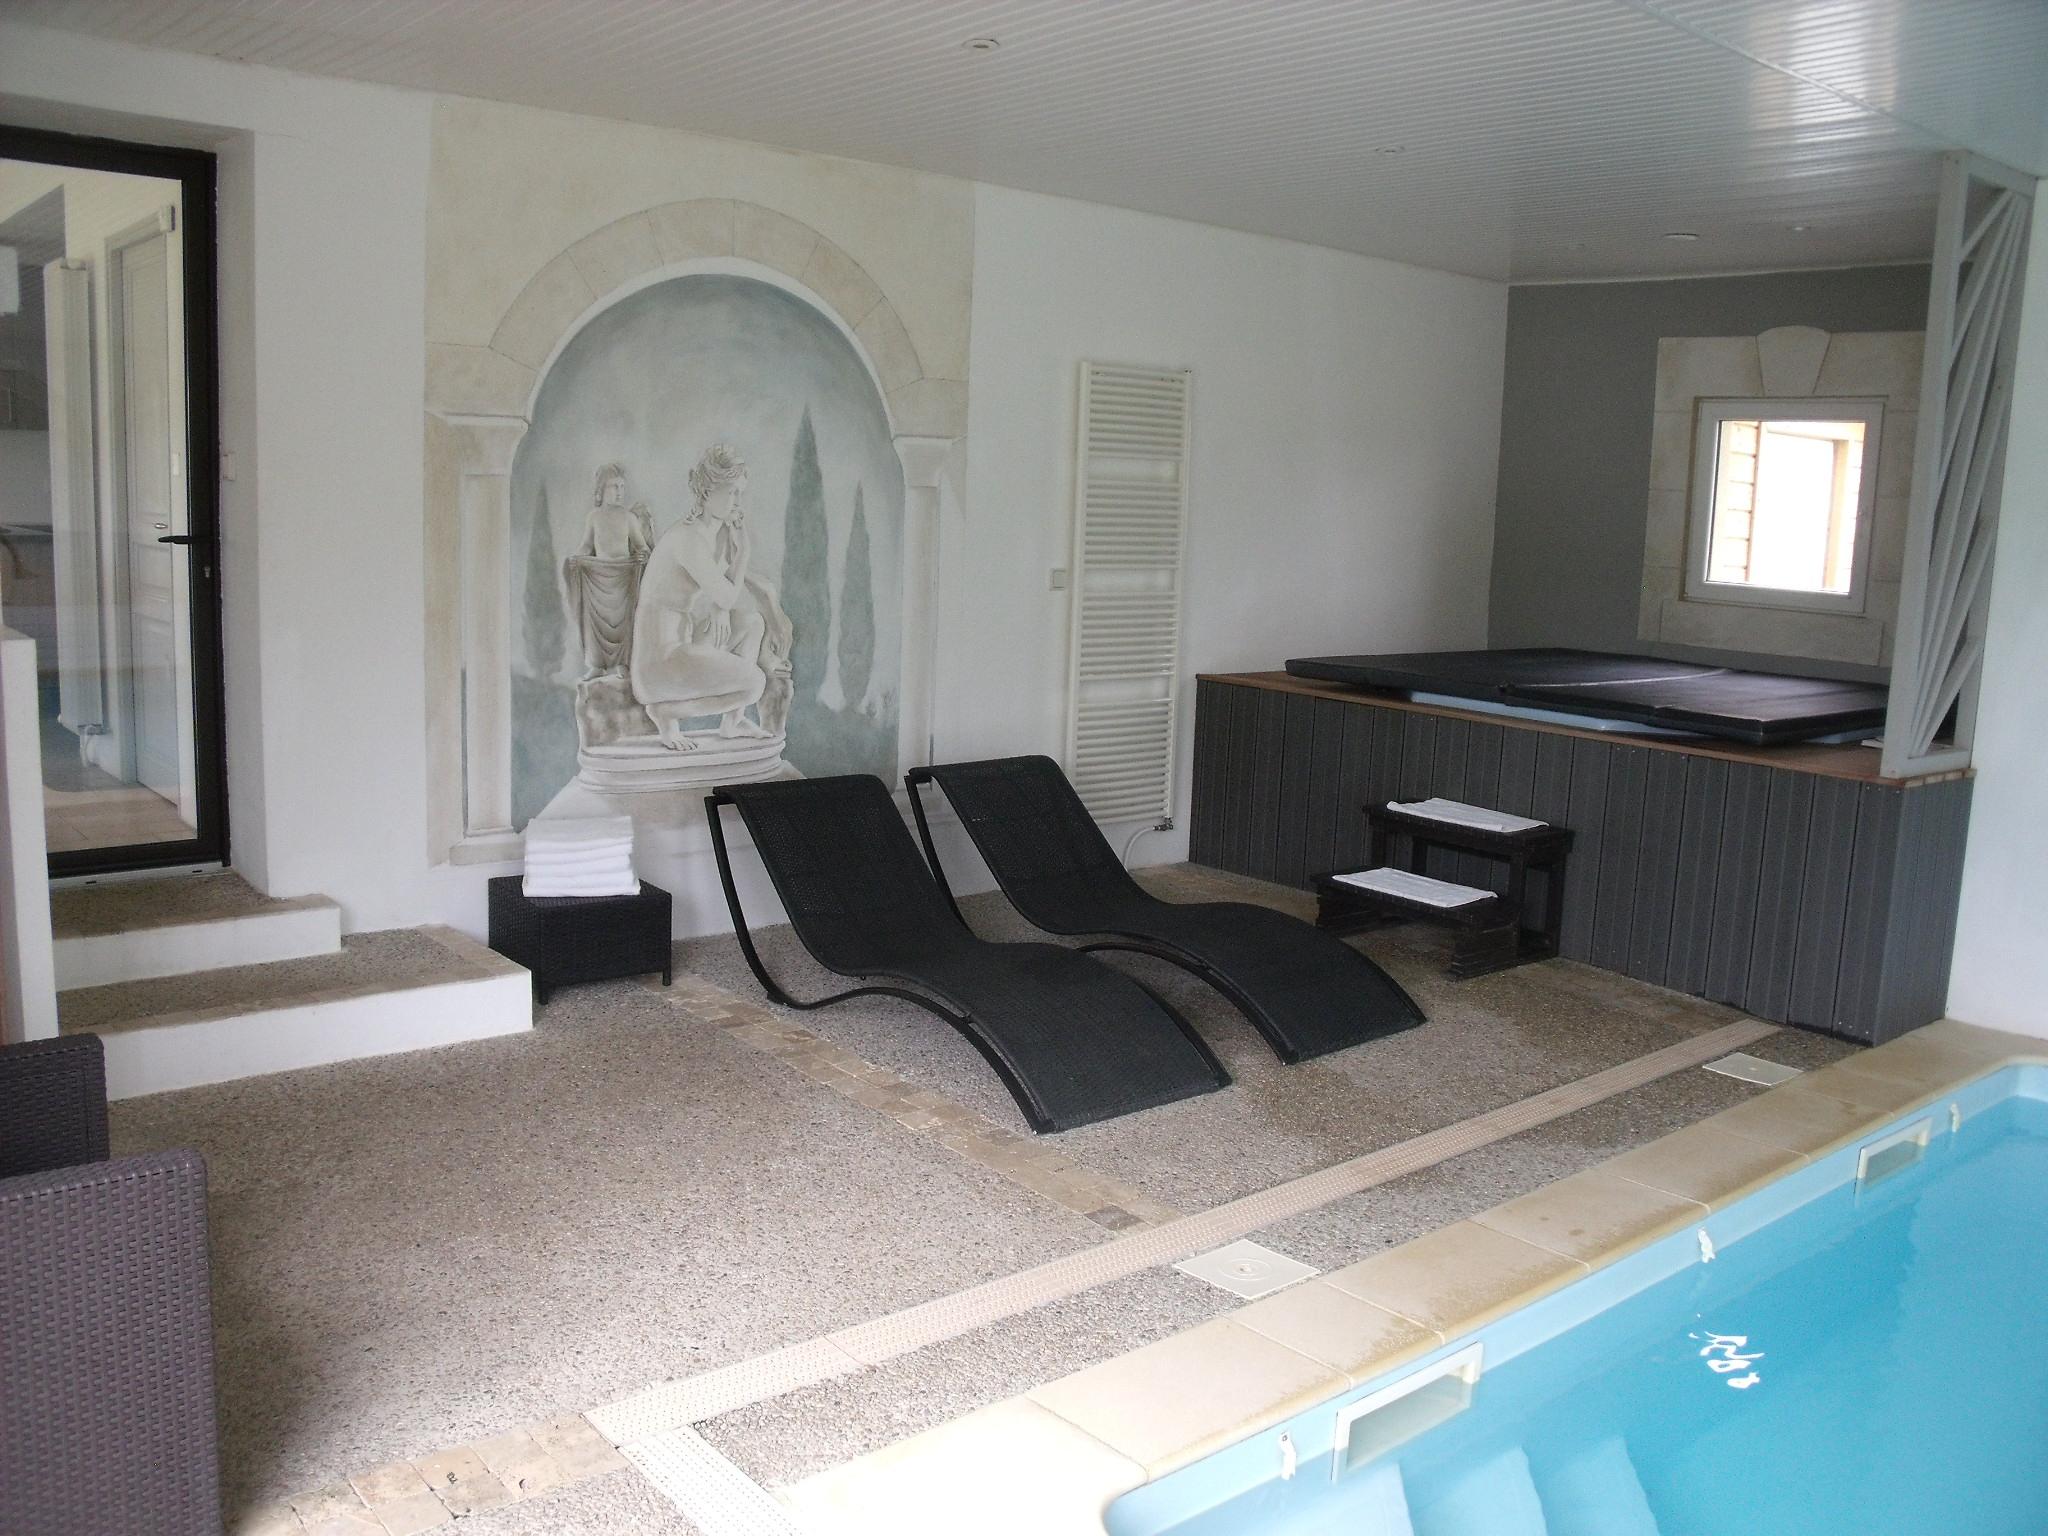 Maison Avec Piscine Interieure Couverte Chauffee Roque ... à Location Maison Avec Piscine Intérieure Et Jacuzzi